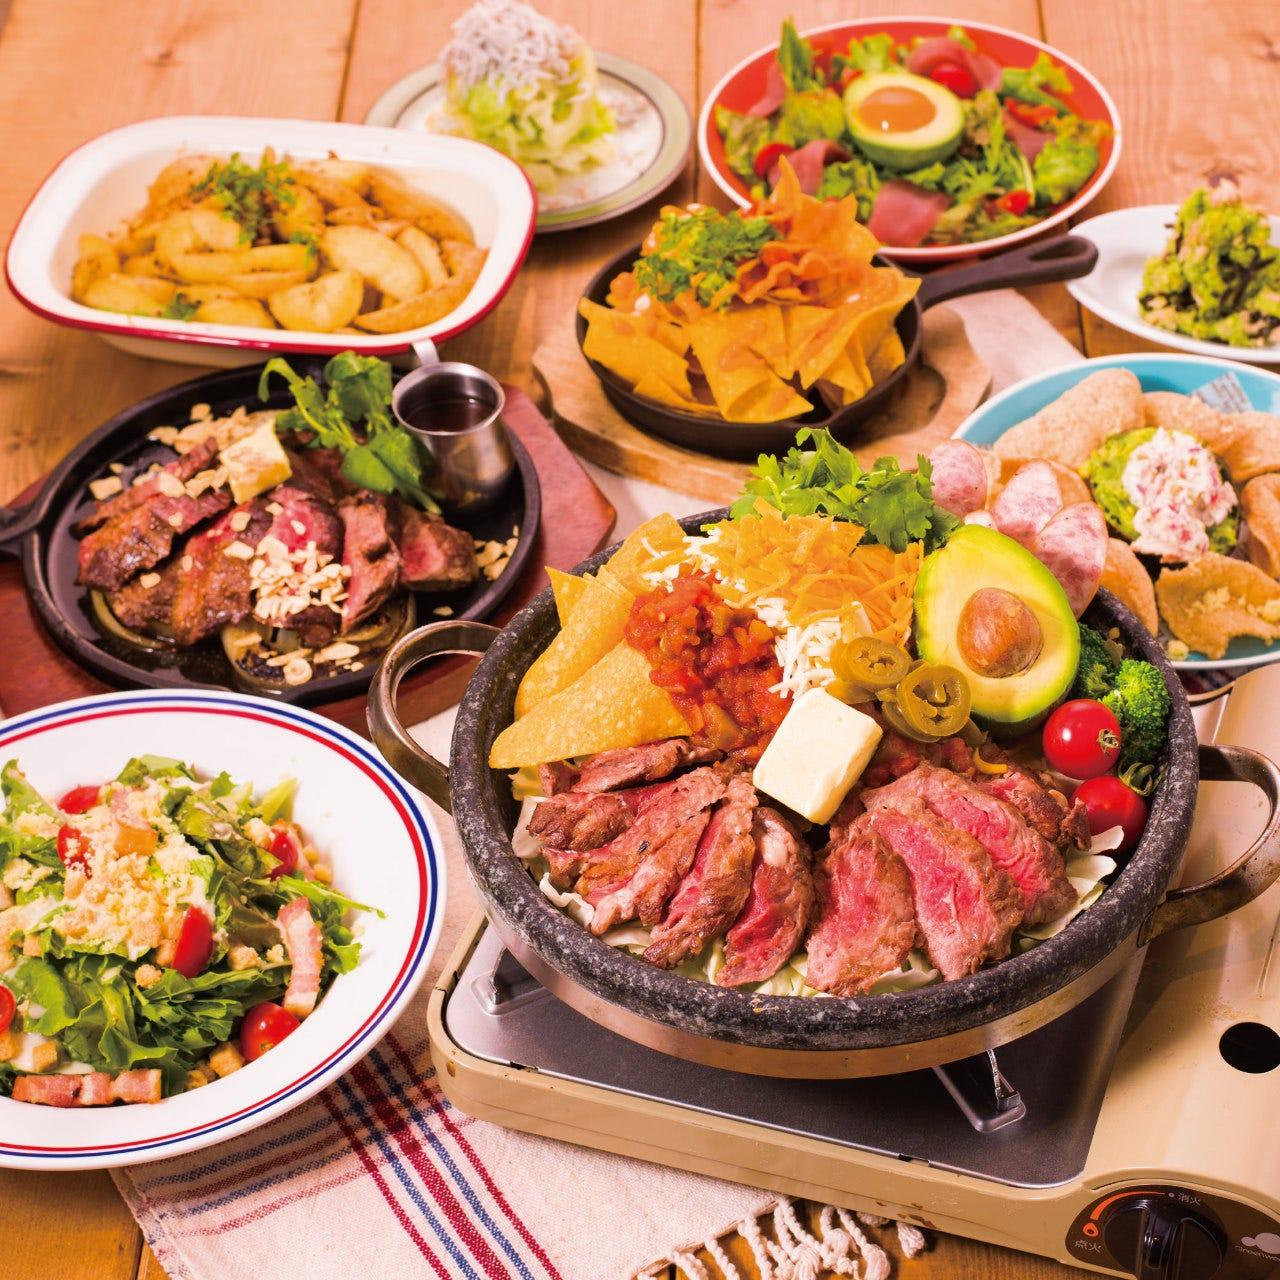 【贅沢忘年会】選べるメイン×豪華Hawaiian料理など全12品《3Hプレミアム飲放付》6980円→5980円(税込)